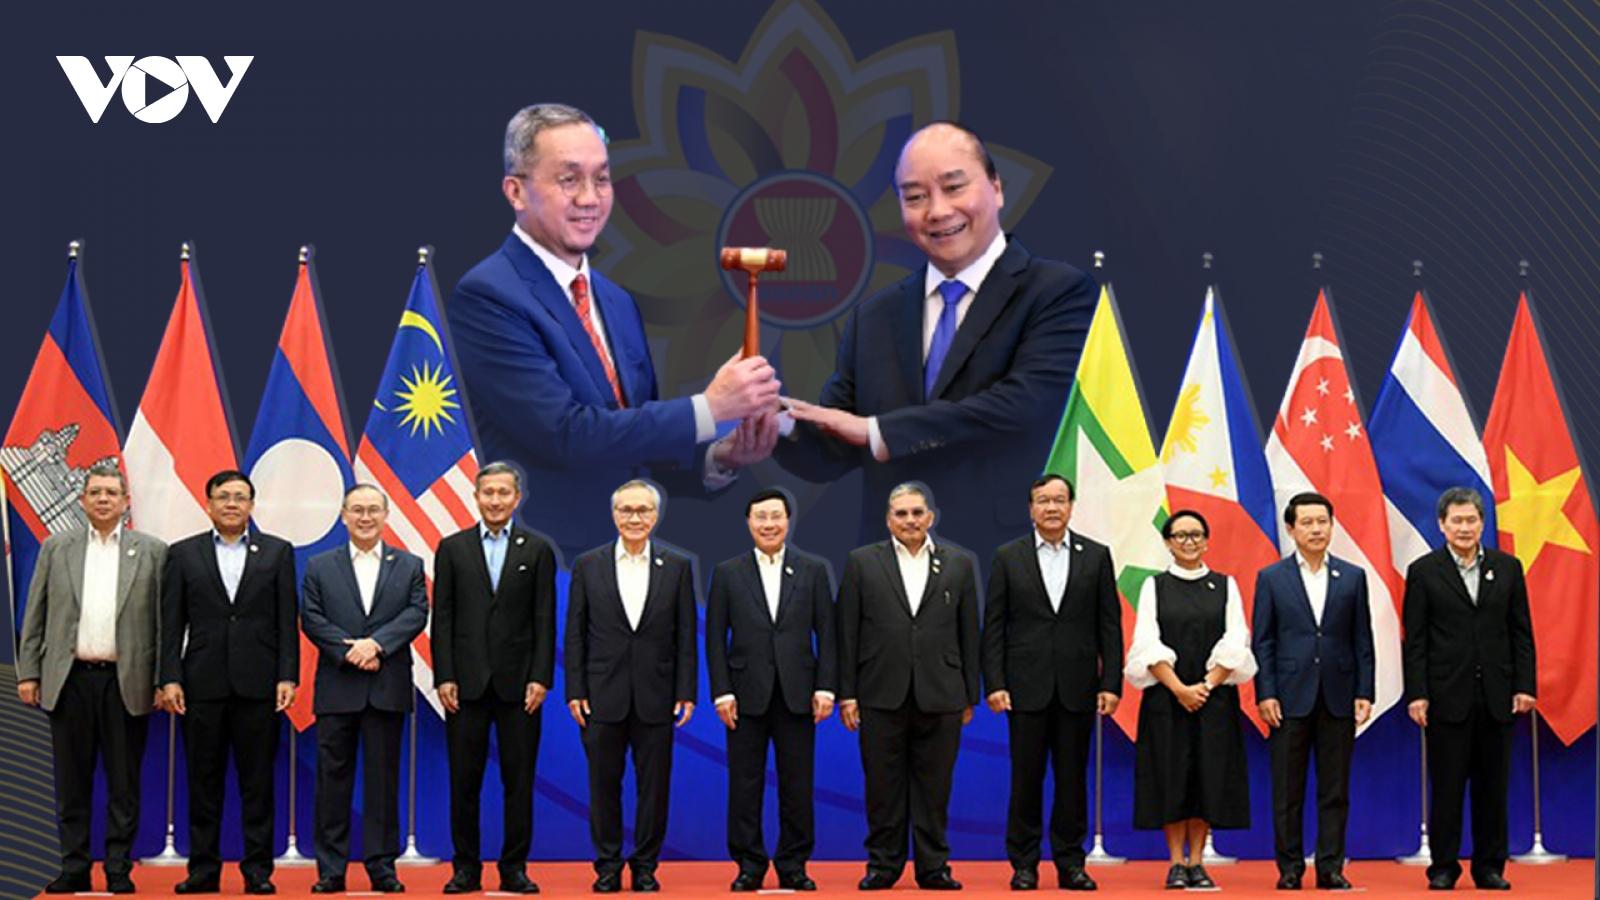 Hội nghị cấp cao ASEAN: Việt Nam đóng góp chủ động, ứng xử tích cực và sẻ chia trách nhiệm